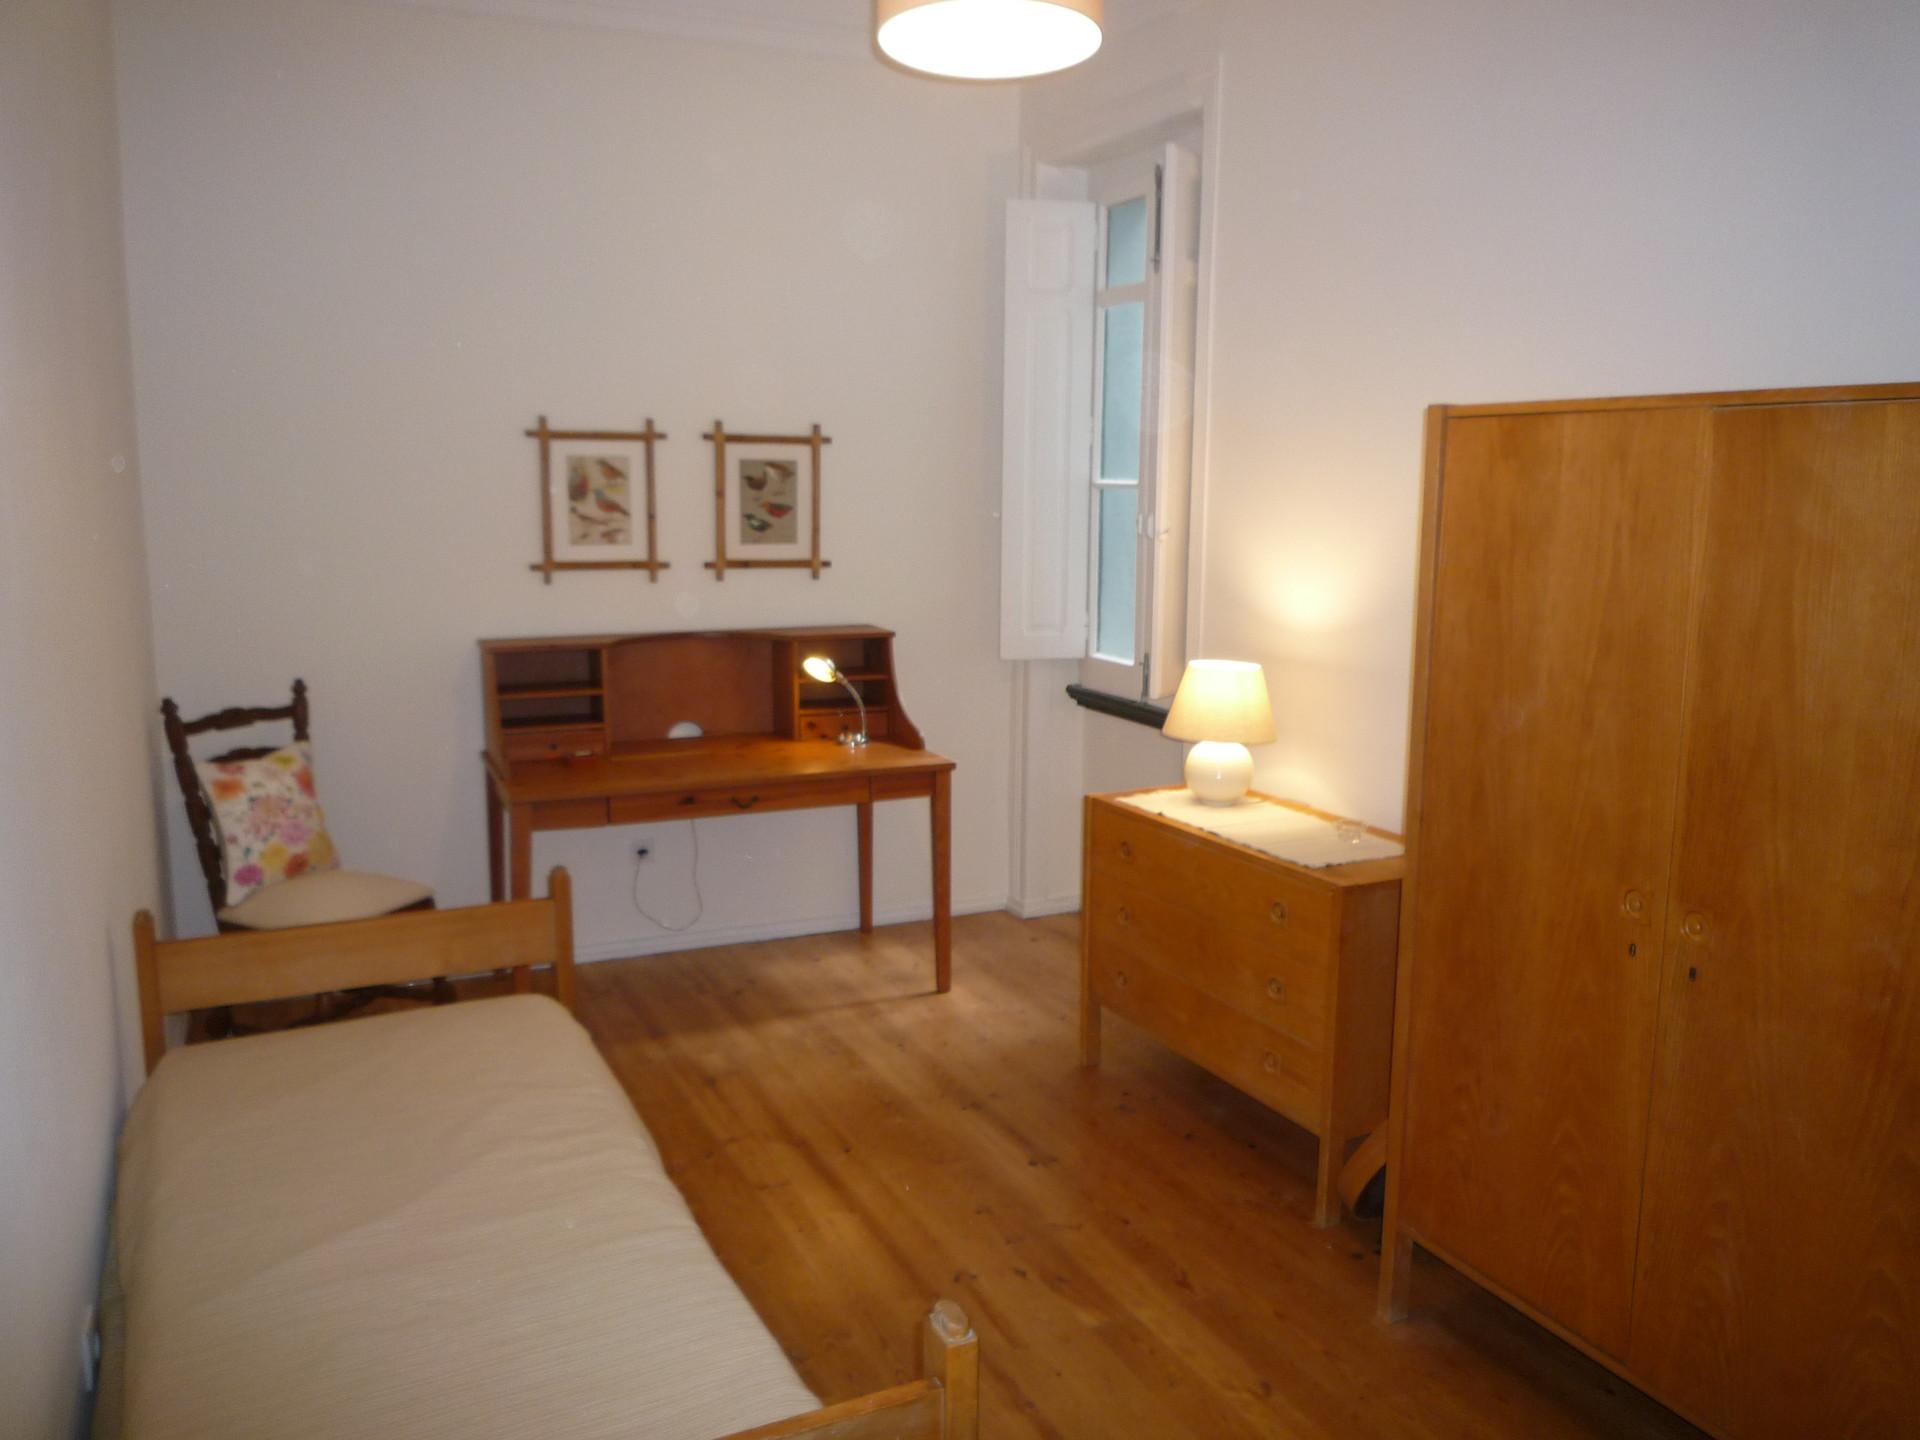 rooms-lisbon-near-metro-arroios-alameda-19ebea69cdecc19d53a79499648dab60